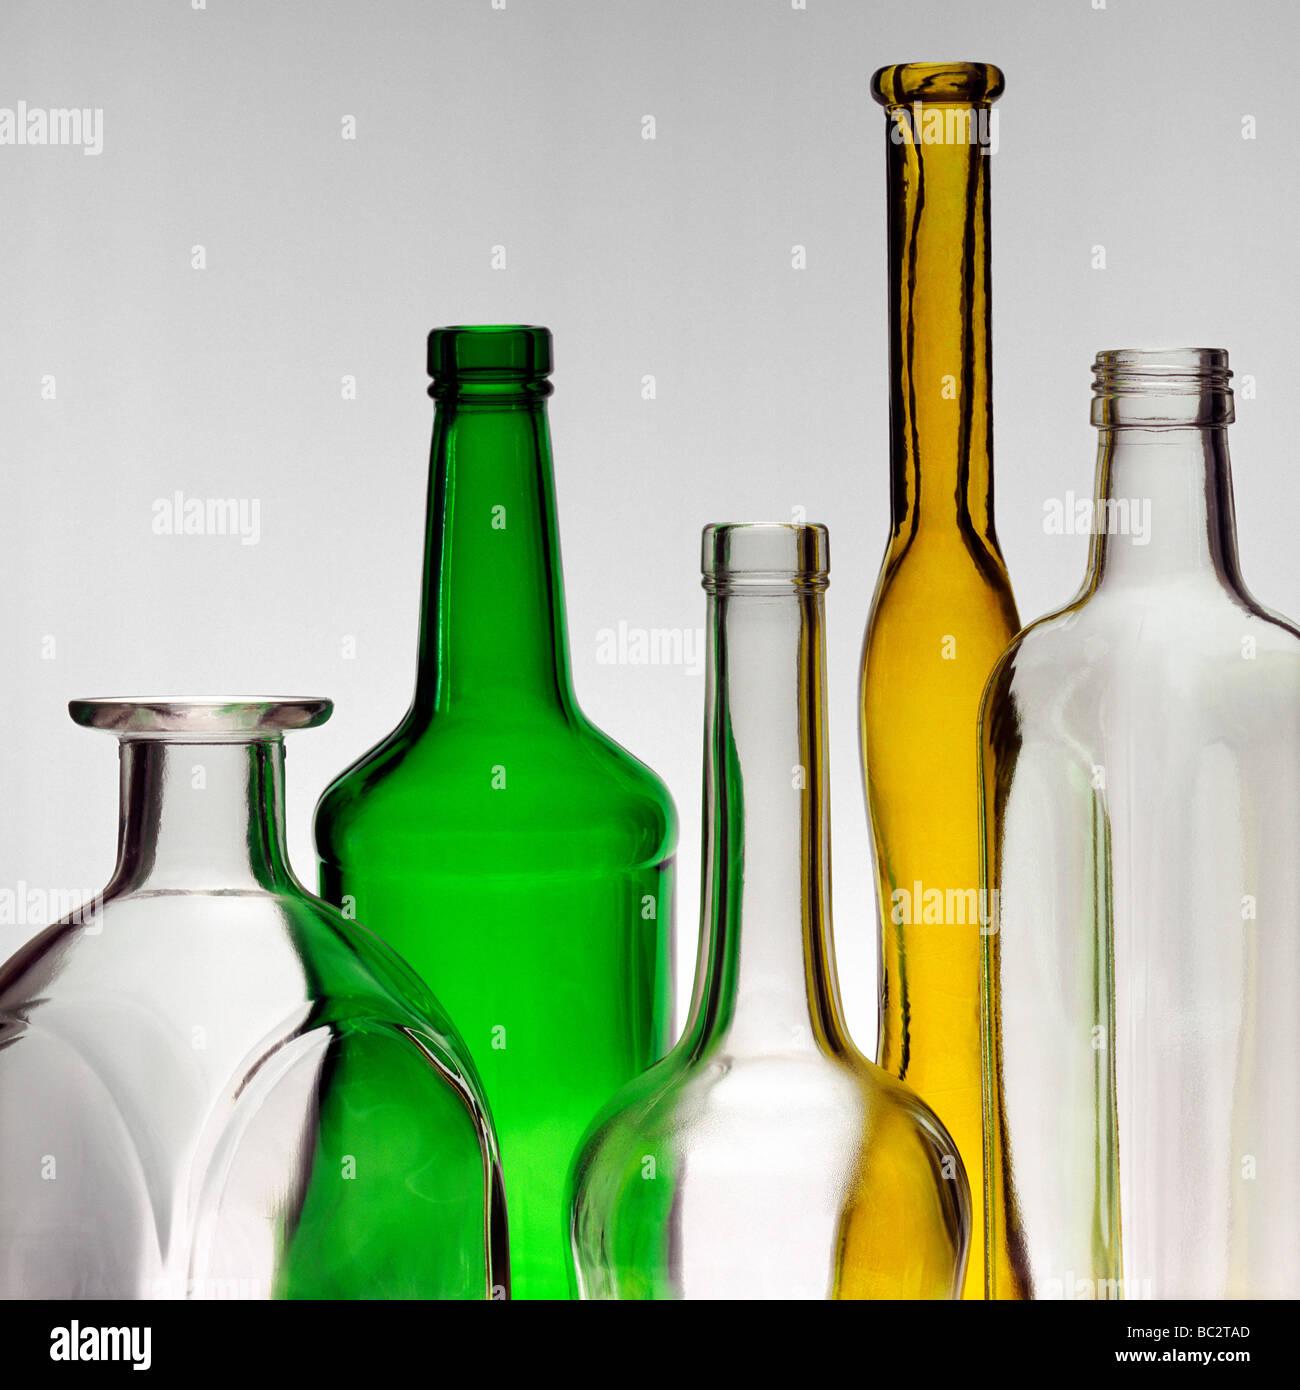 Stillleben mit der farbige und nicht farbige Glasflaschen Stockbild